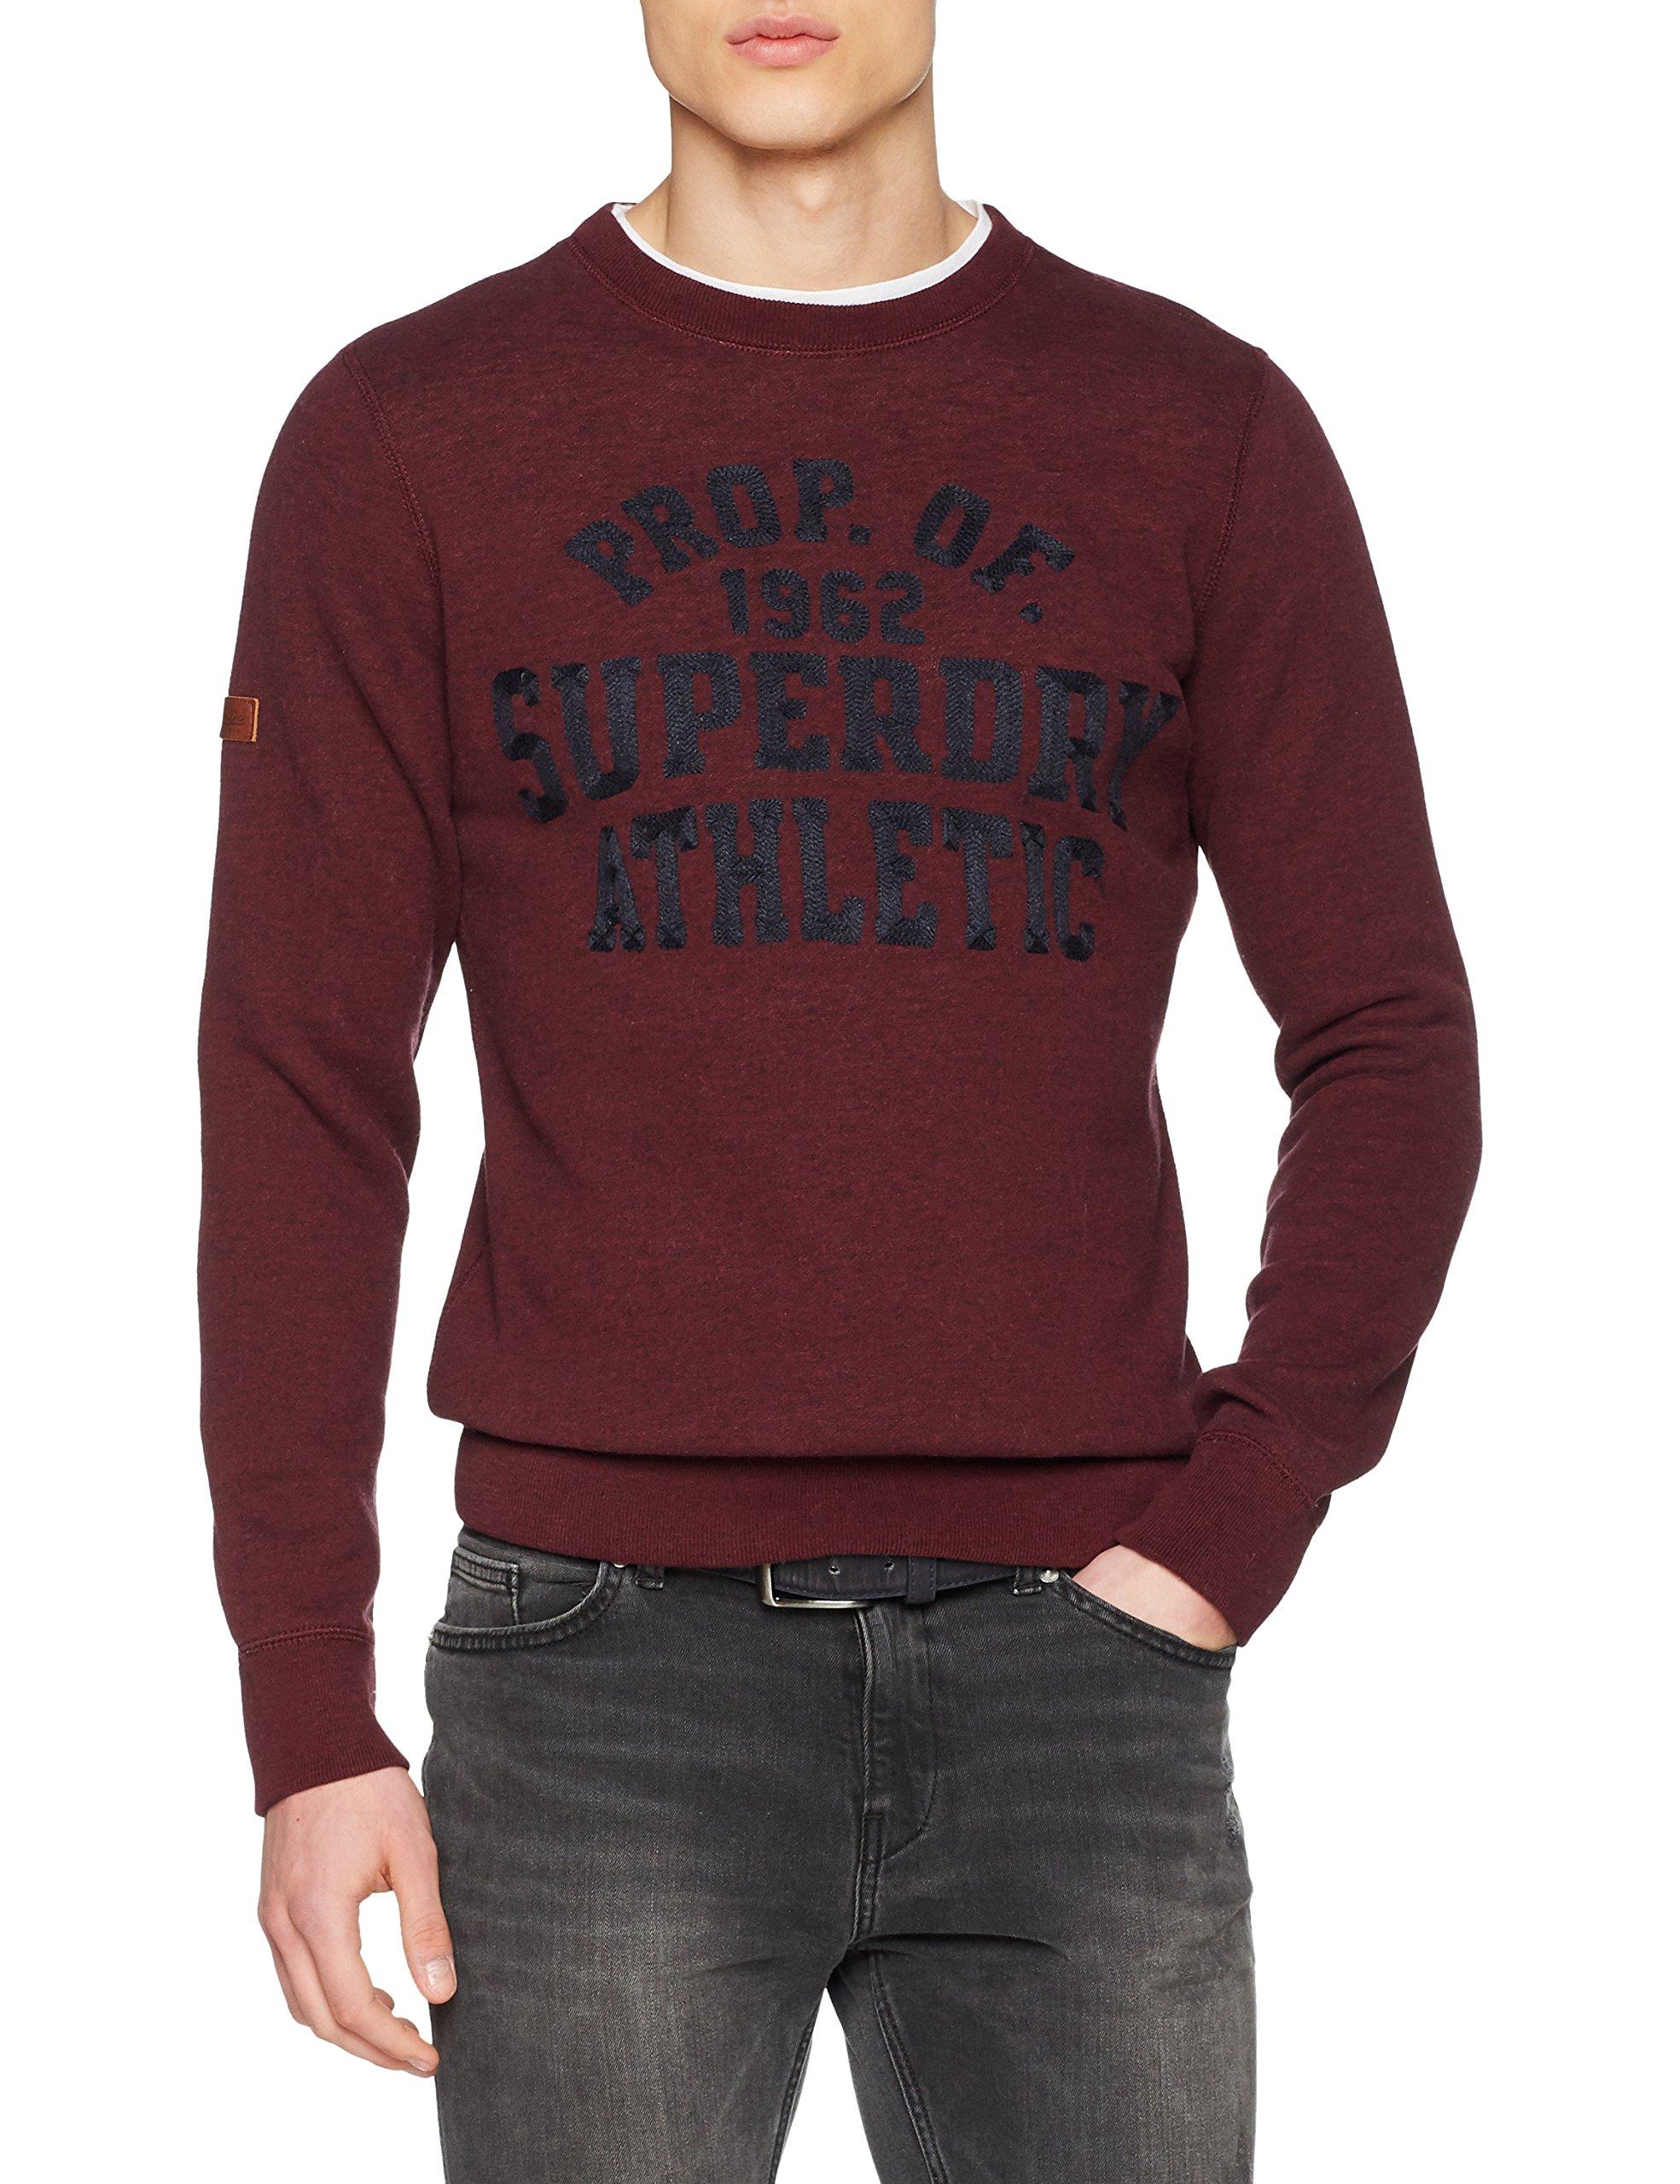 Violetdark Homme Sweat GritTailleXxl SuperdryM20044pp shirt Berry VLzqUjSMpG